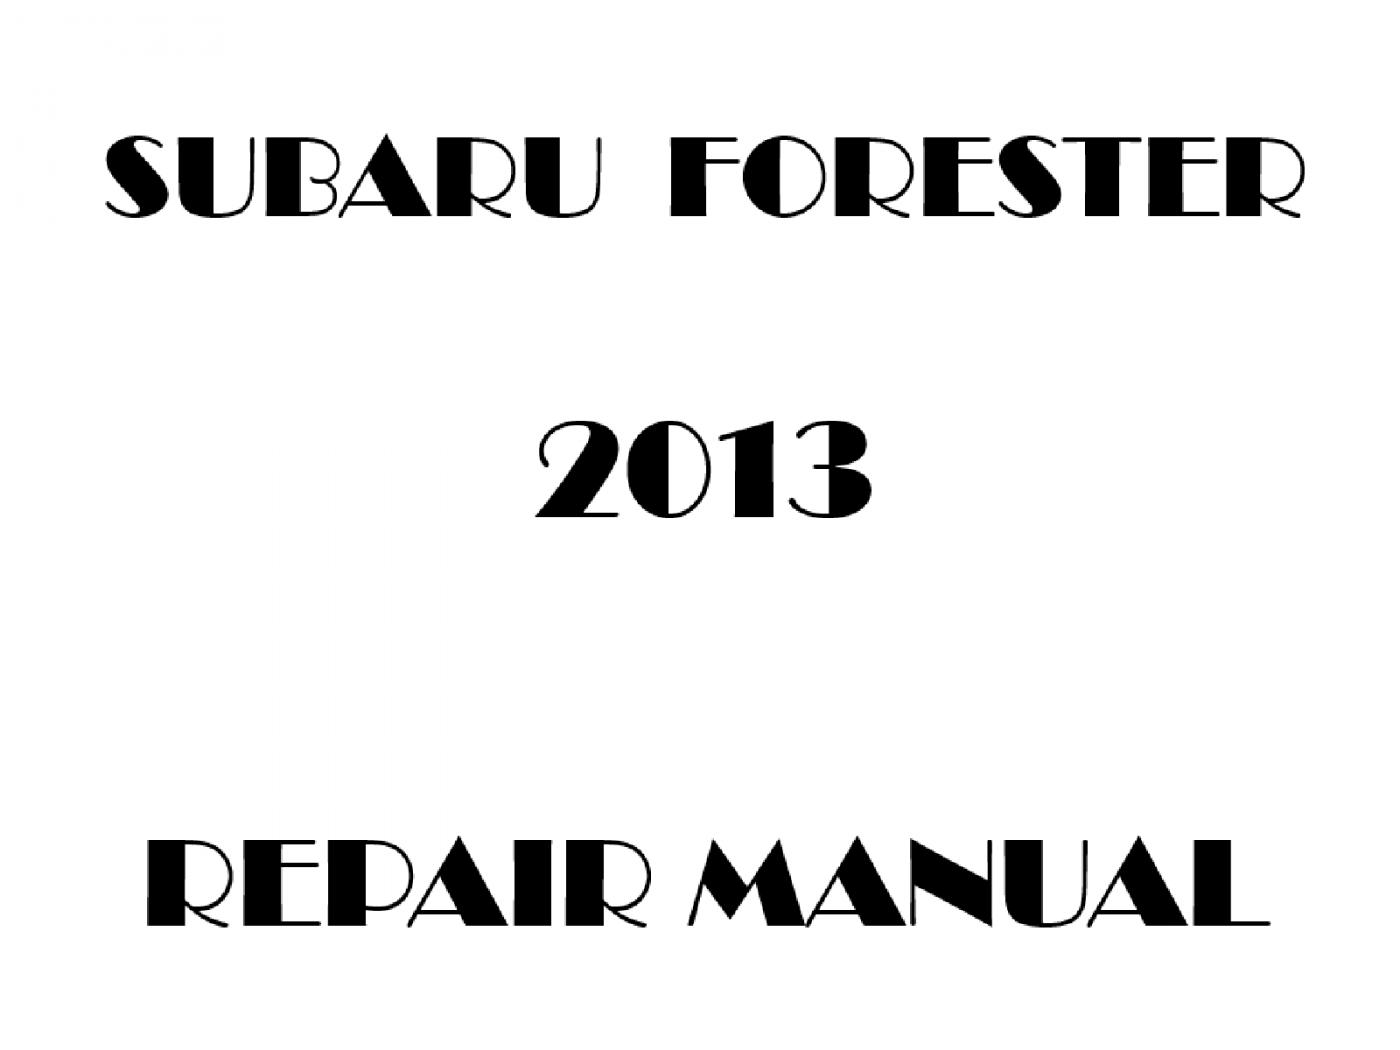 2013 Subaru Forester repair manual